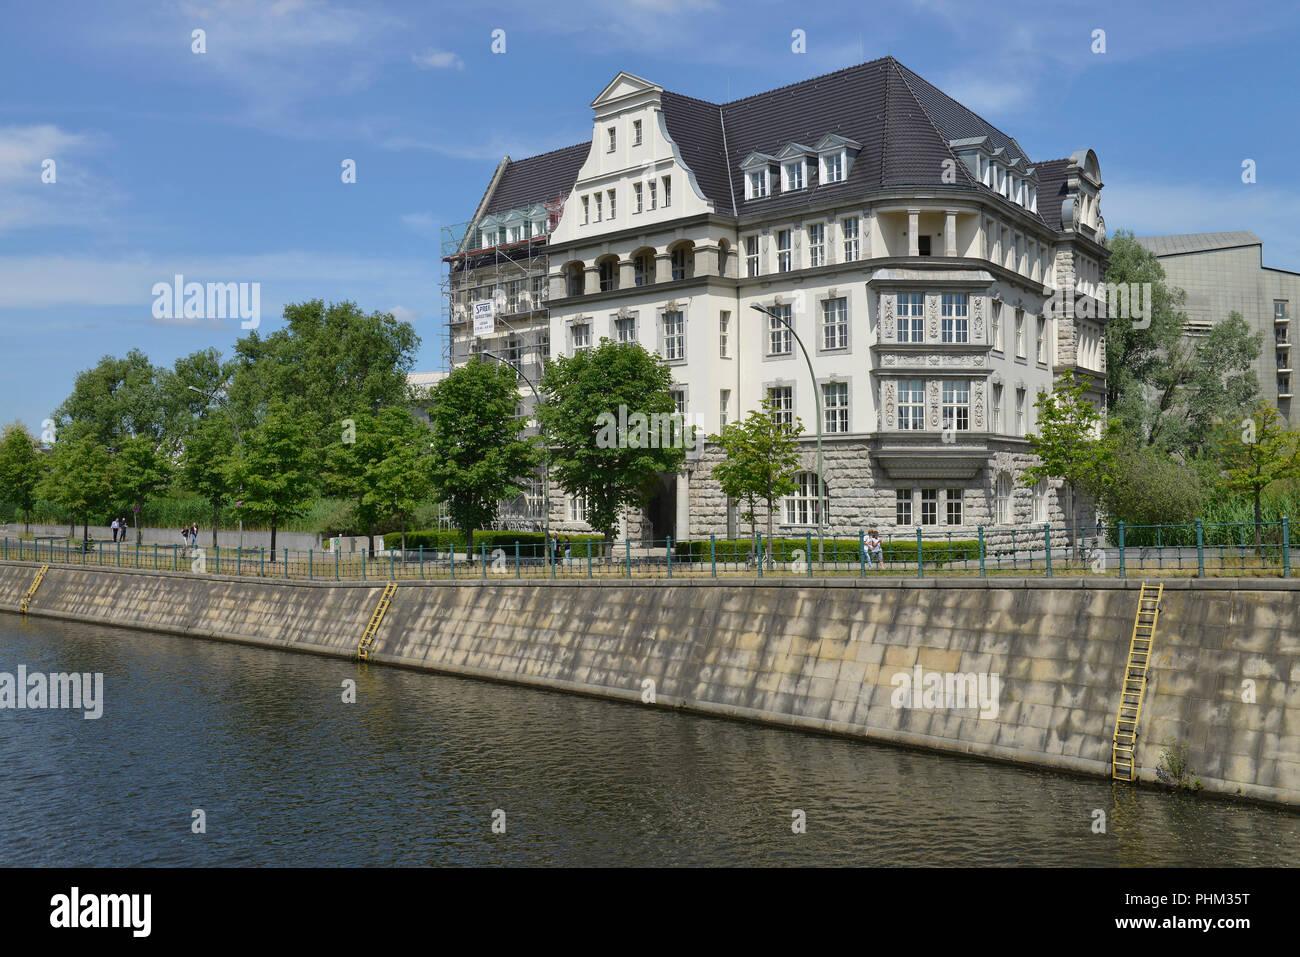 Deutsche Gesellschaft fuer Internationale Zusammenarbeit GIZ, Reichpietschufer, Potsdamer Platz, Tiergarten, Mitte, Berlin, Deutschand Stock Photo